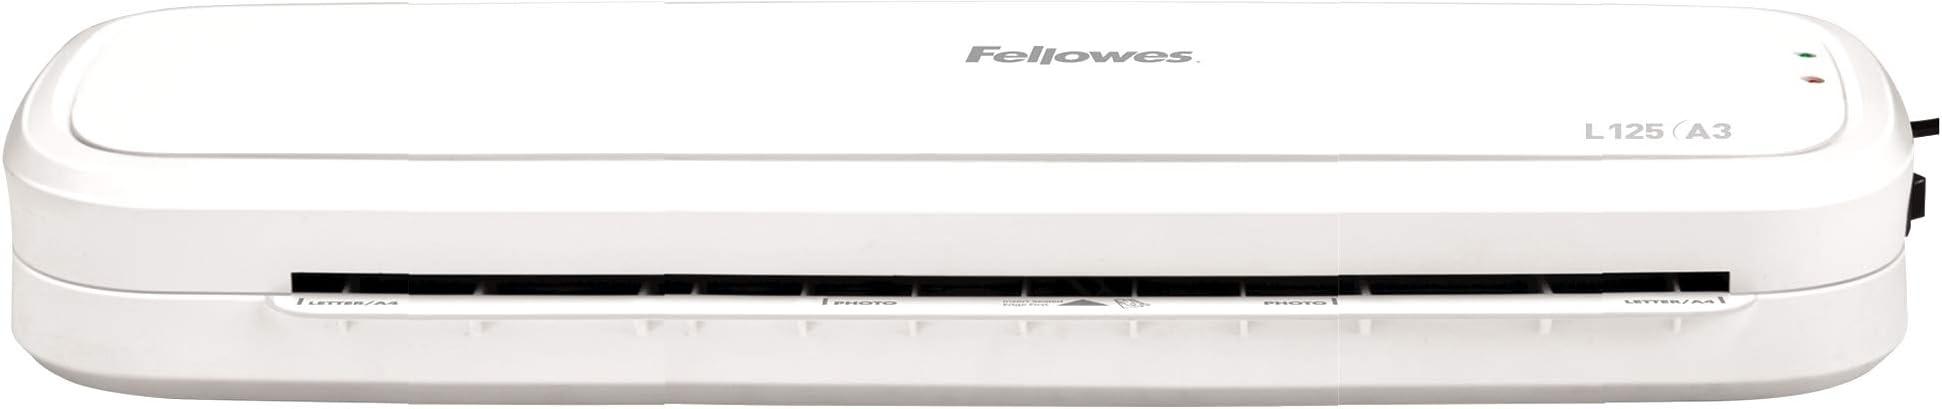 Formato A4 80 Micron Fellowes 5737201 Plastificatrice L125 Formato A4 Confezione da 100 Pezzi 80-125 Micron /& 5306114 Pouches Di Plastificazione